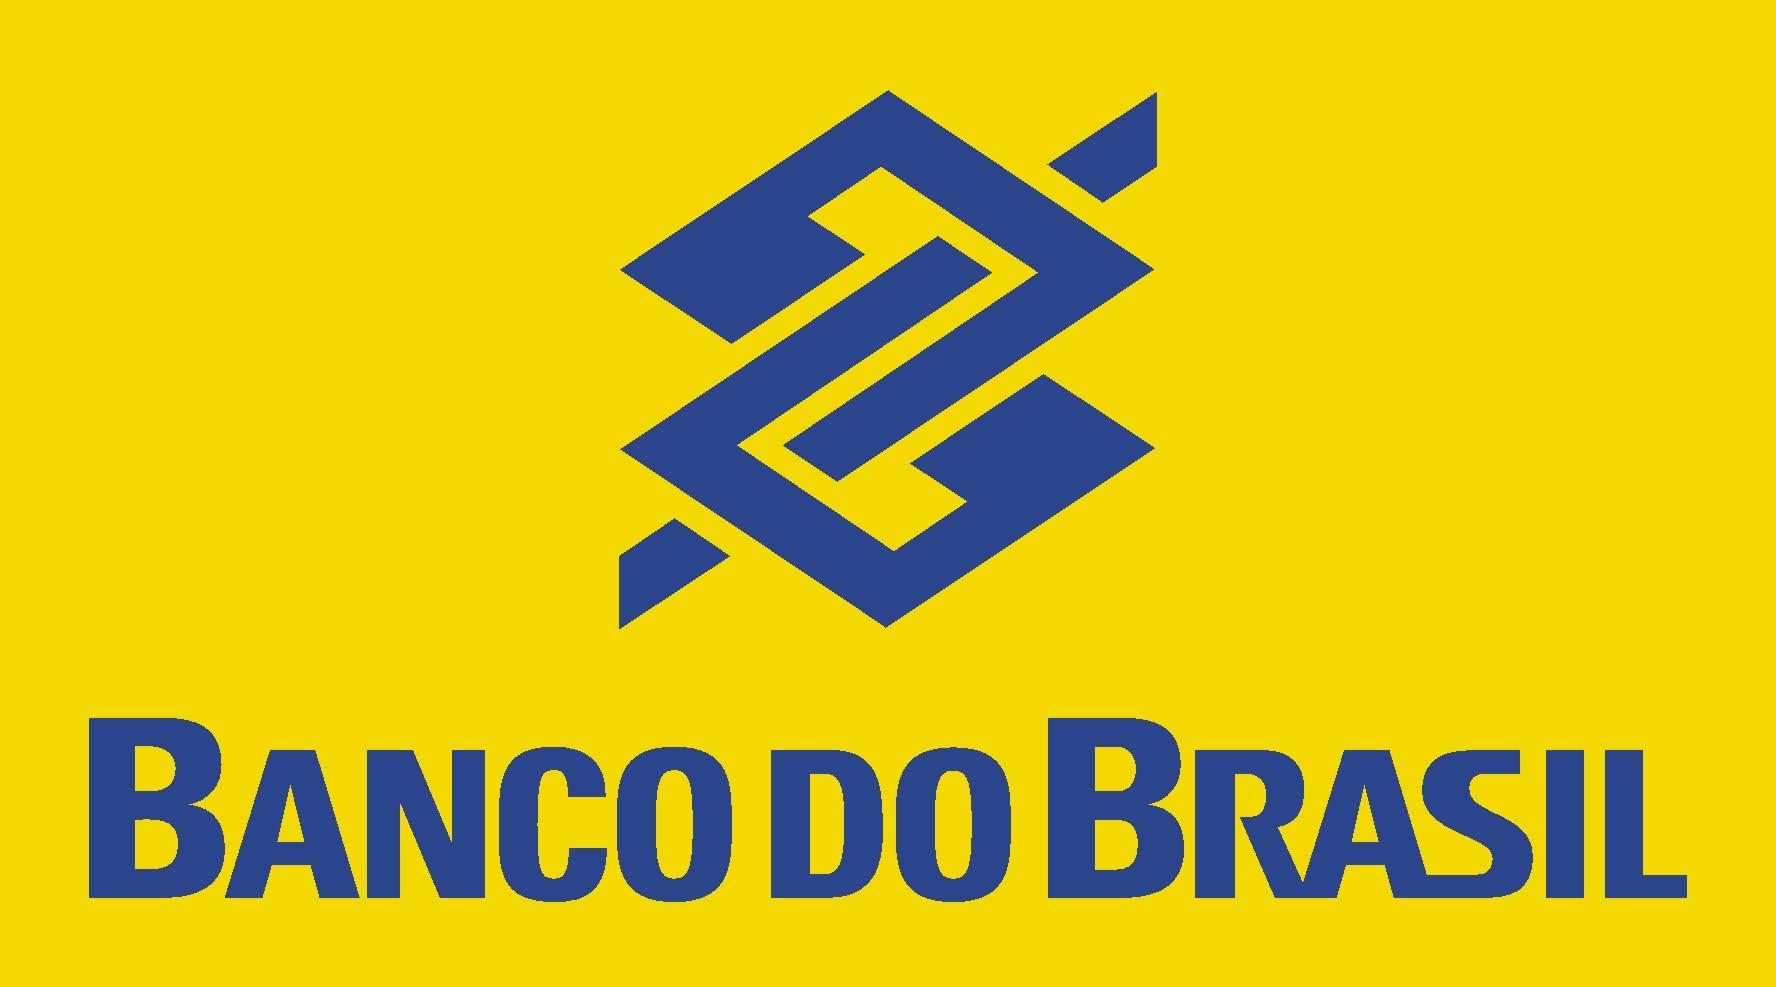 CONCURSO: BANCO DO BRASIL ABRE 100 VAGAS DE ESCRITURÁRIO COM NÍVEL MÉDIO